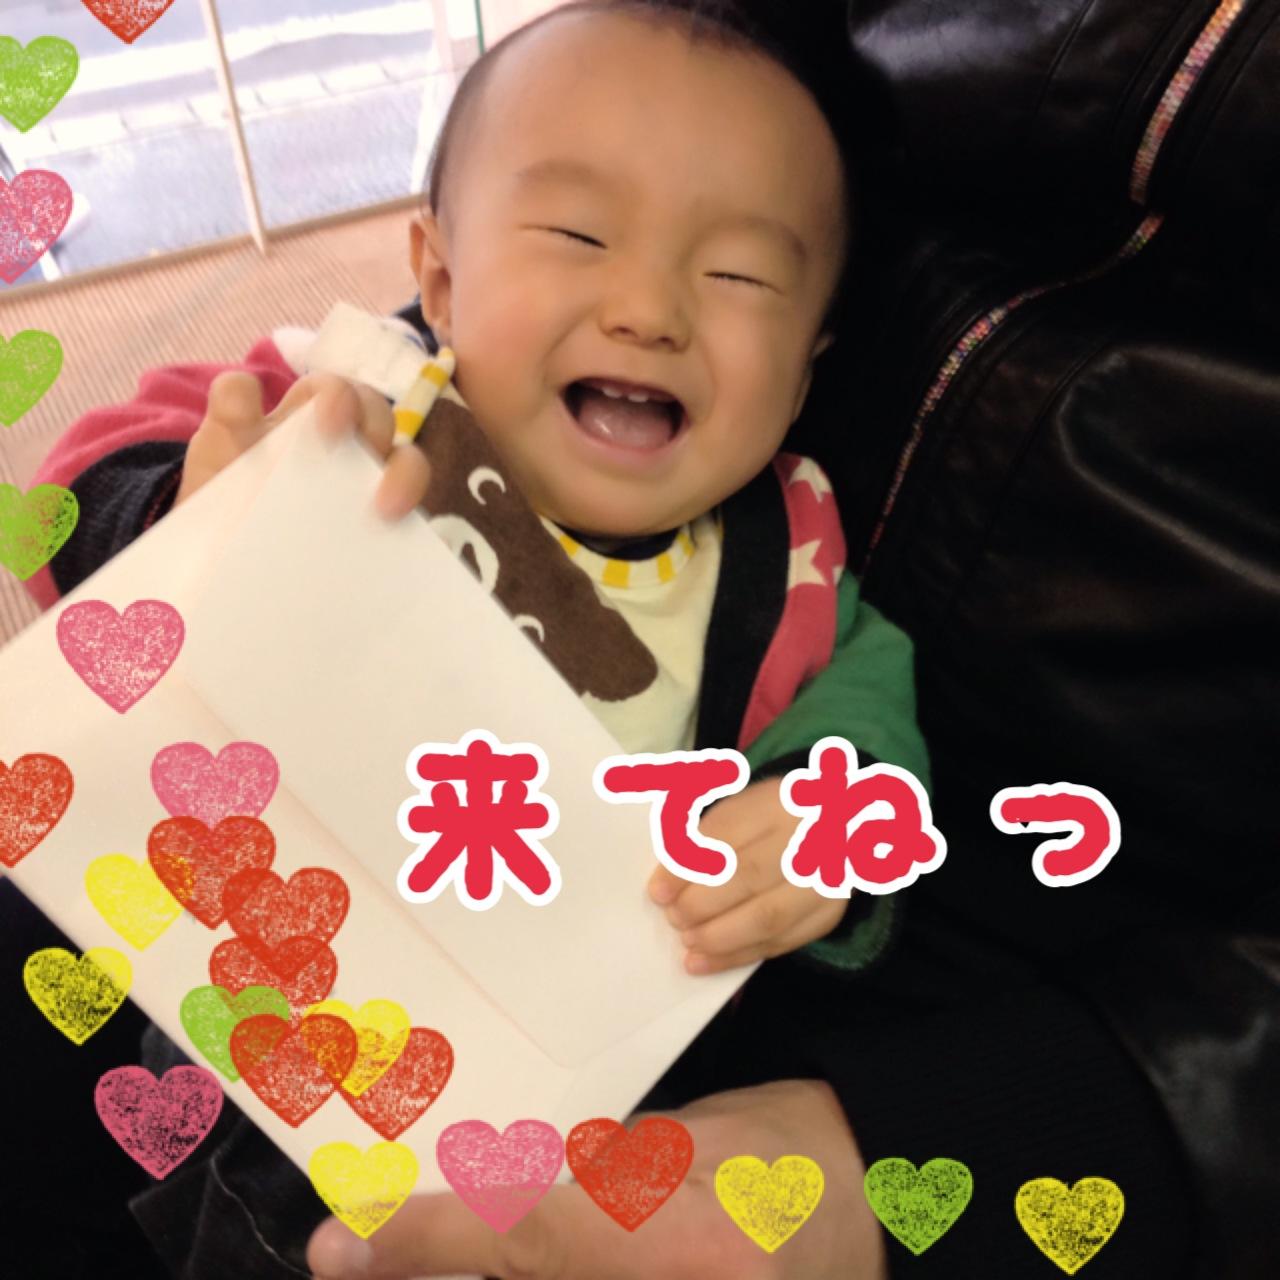 清太郎くん、招待状を出す。_e0120789_20550776.jpg